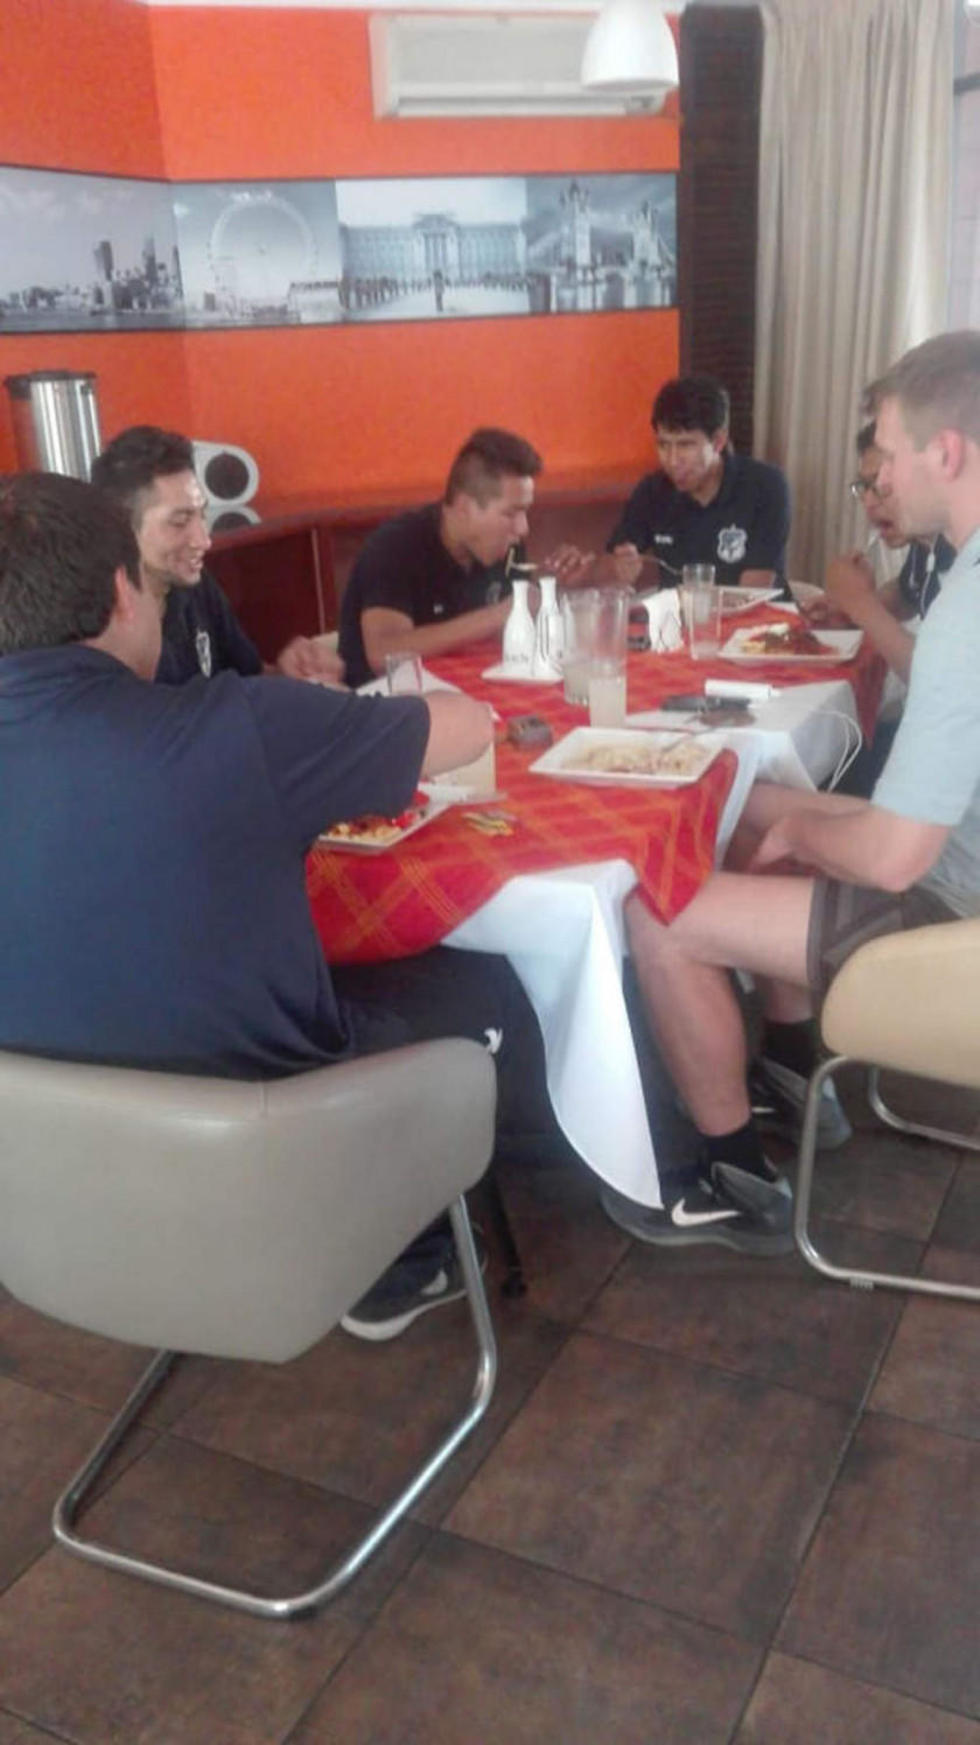 El equipo durante el almuerzo en Santa Cruz.